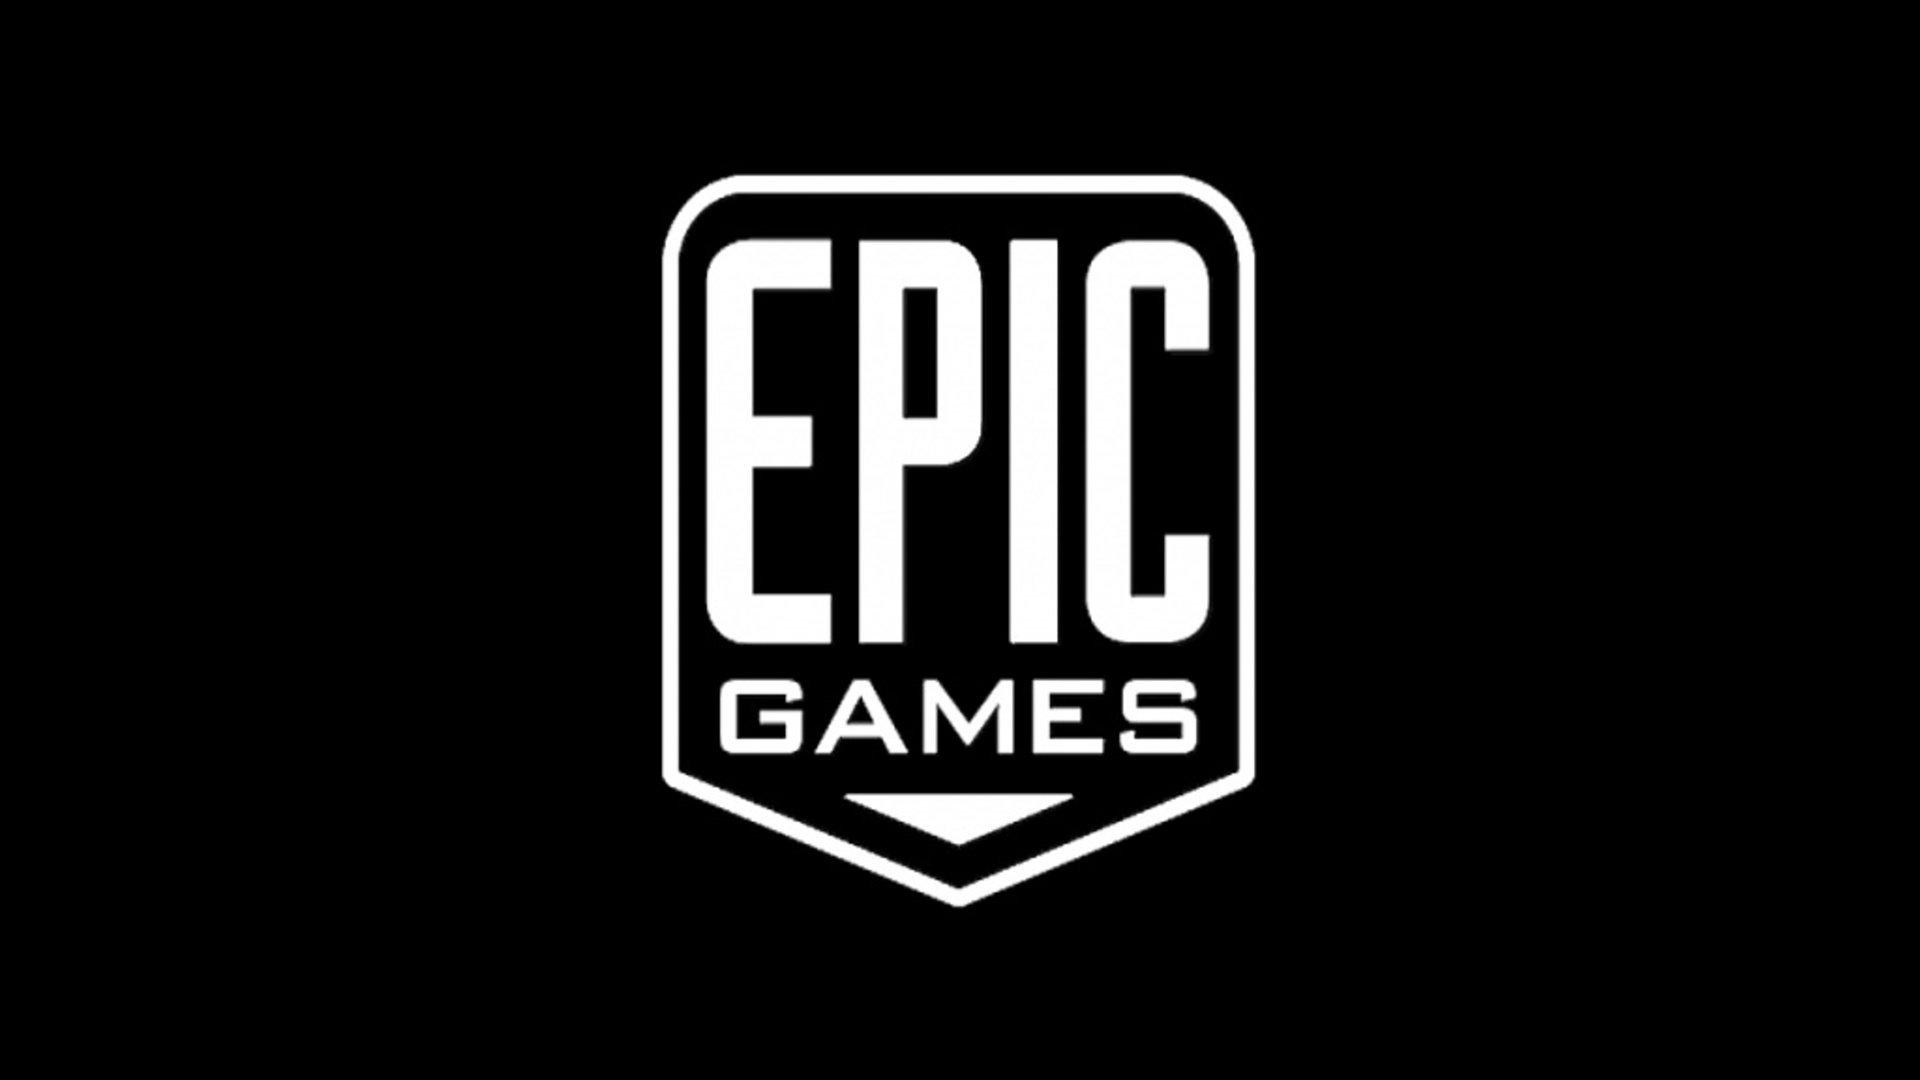 Epic Games анонсировала свою презентацию игр и распродажу со скидкой на Cyberpunk 2077